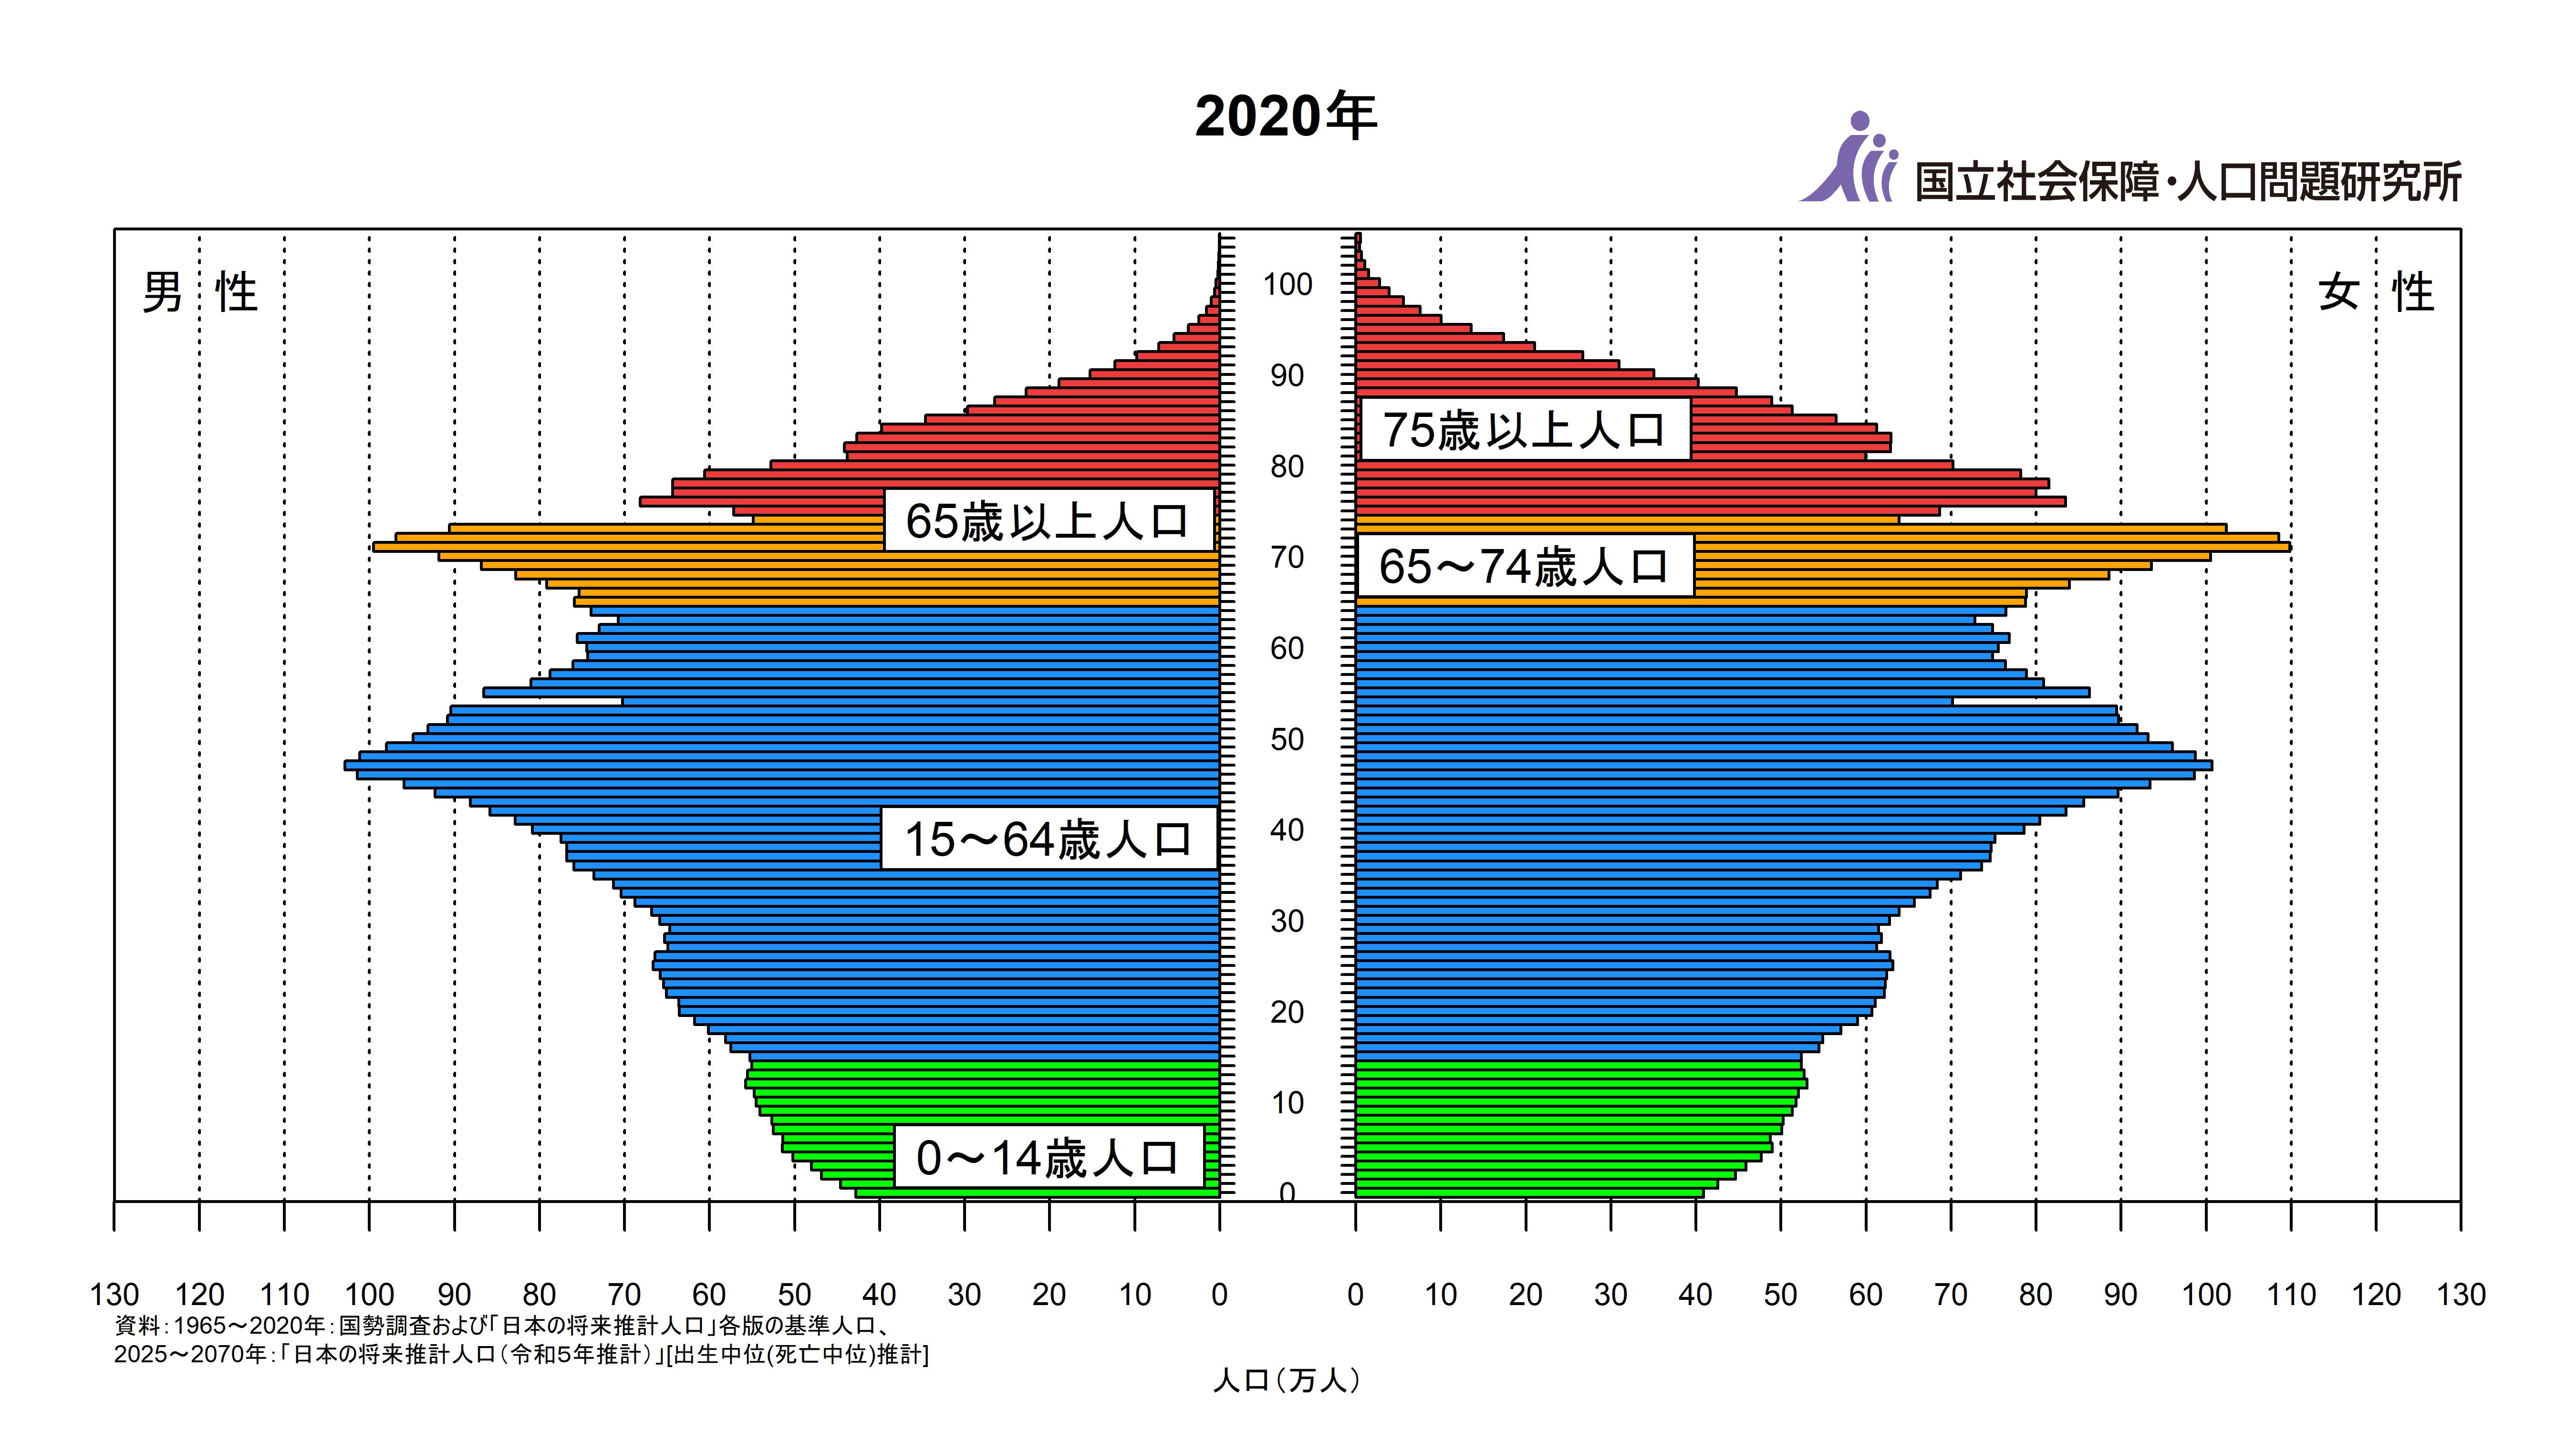 2020年の日本の人口ピラミッド